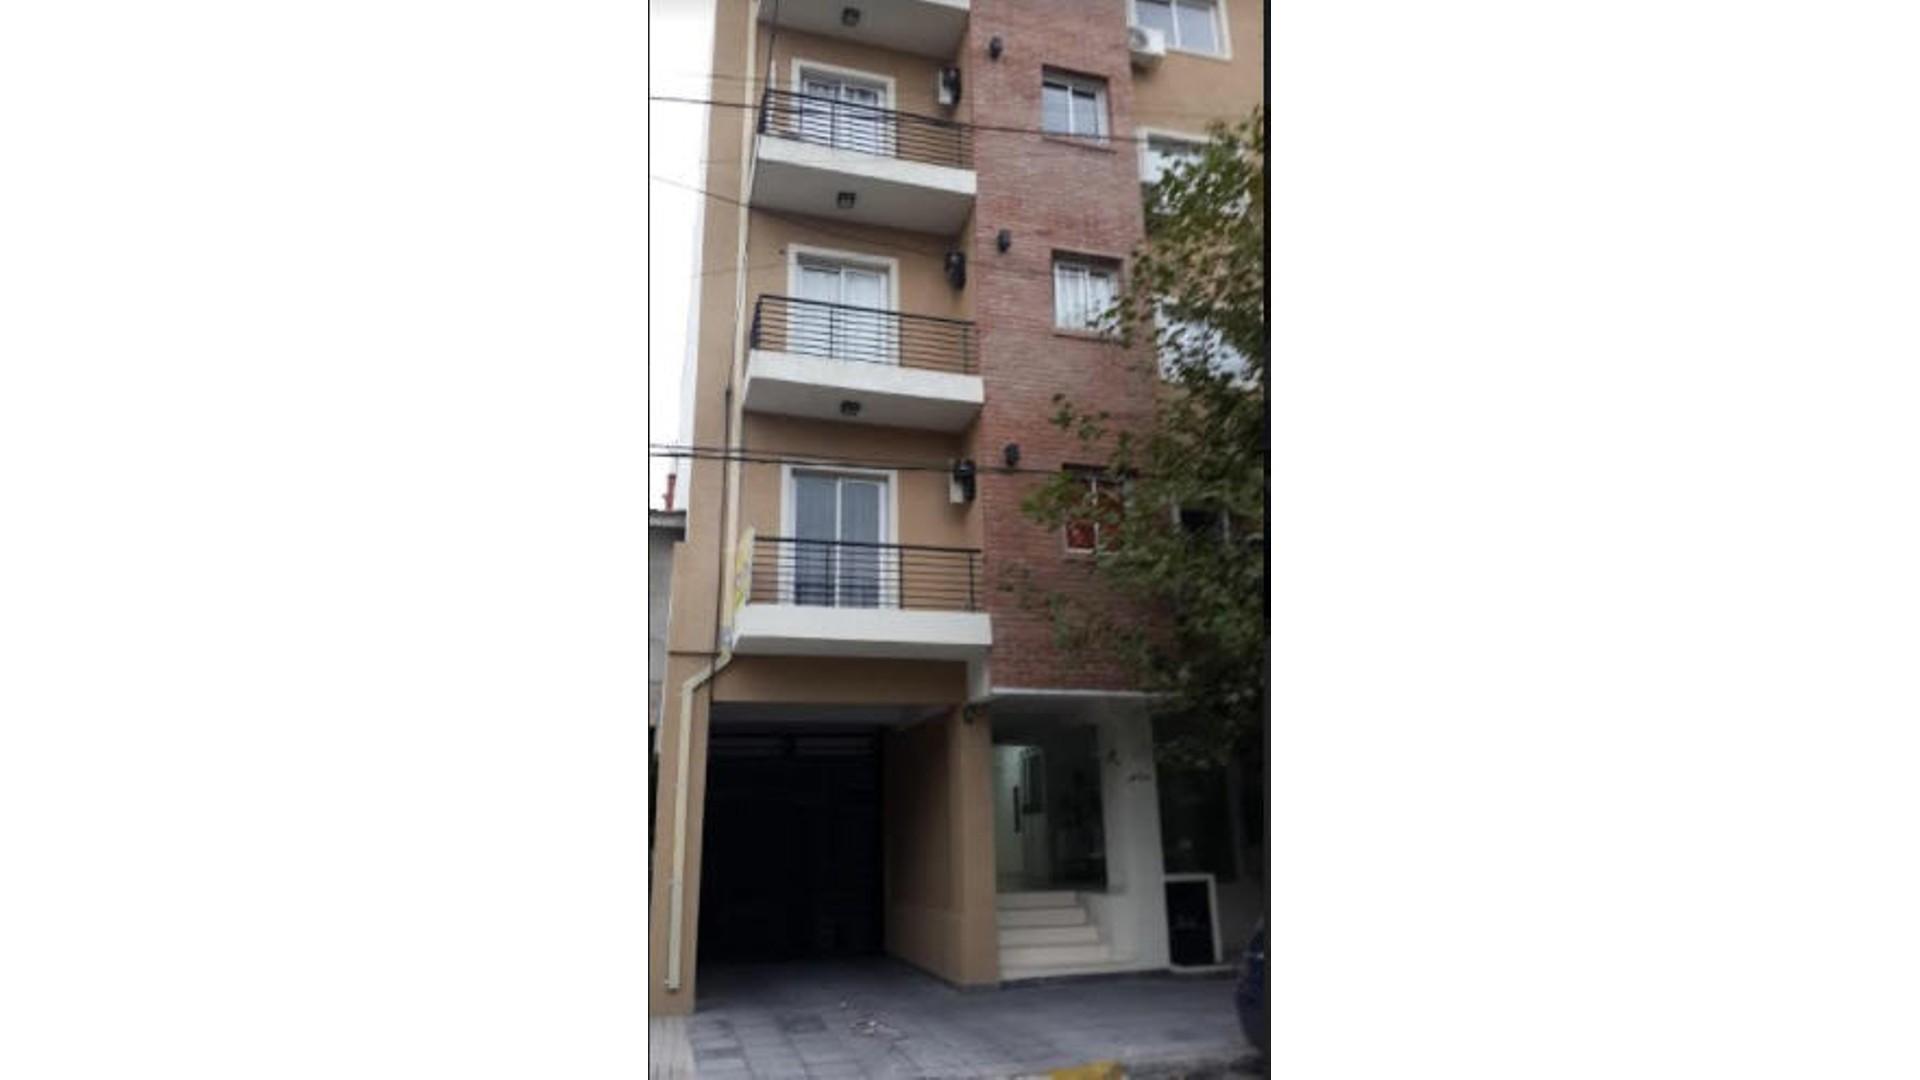 Corrientes 47 - Ramos Mejía (MONOAMBIENTE 32 m2) 3ER PISO